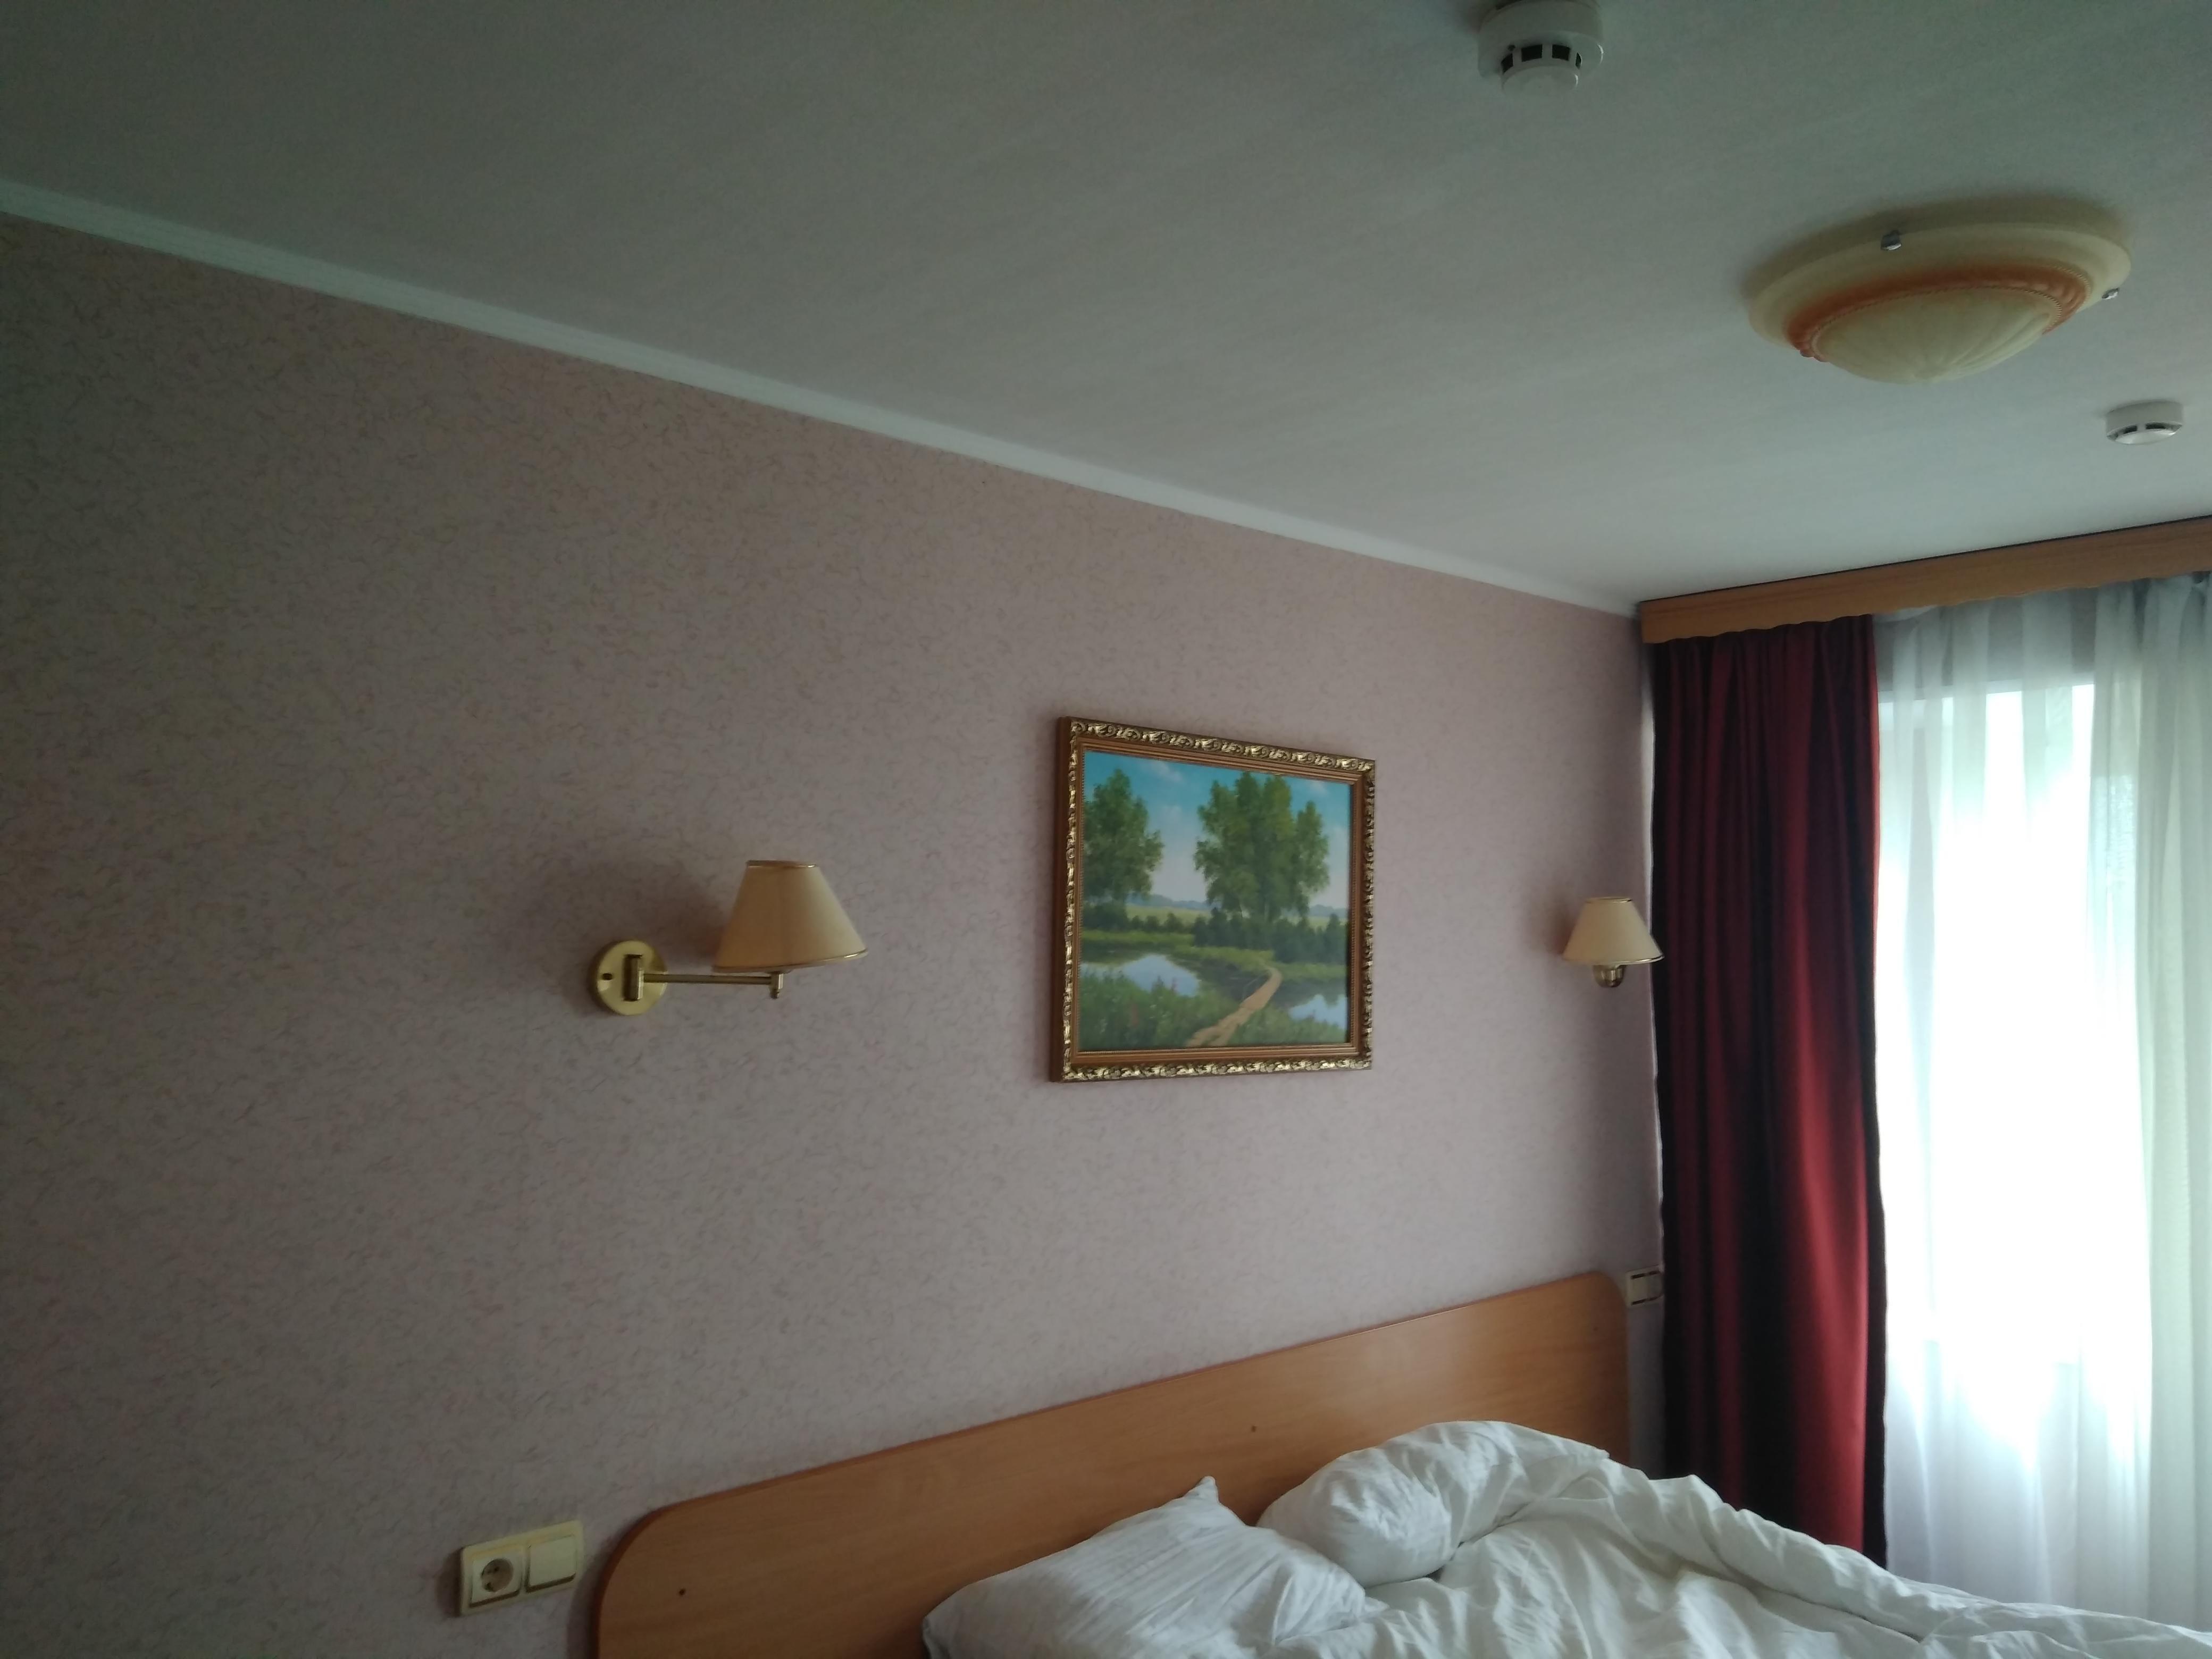 АМАКС Золотое кольцо, гостинично-развлекательный комплекс - №17